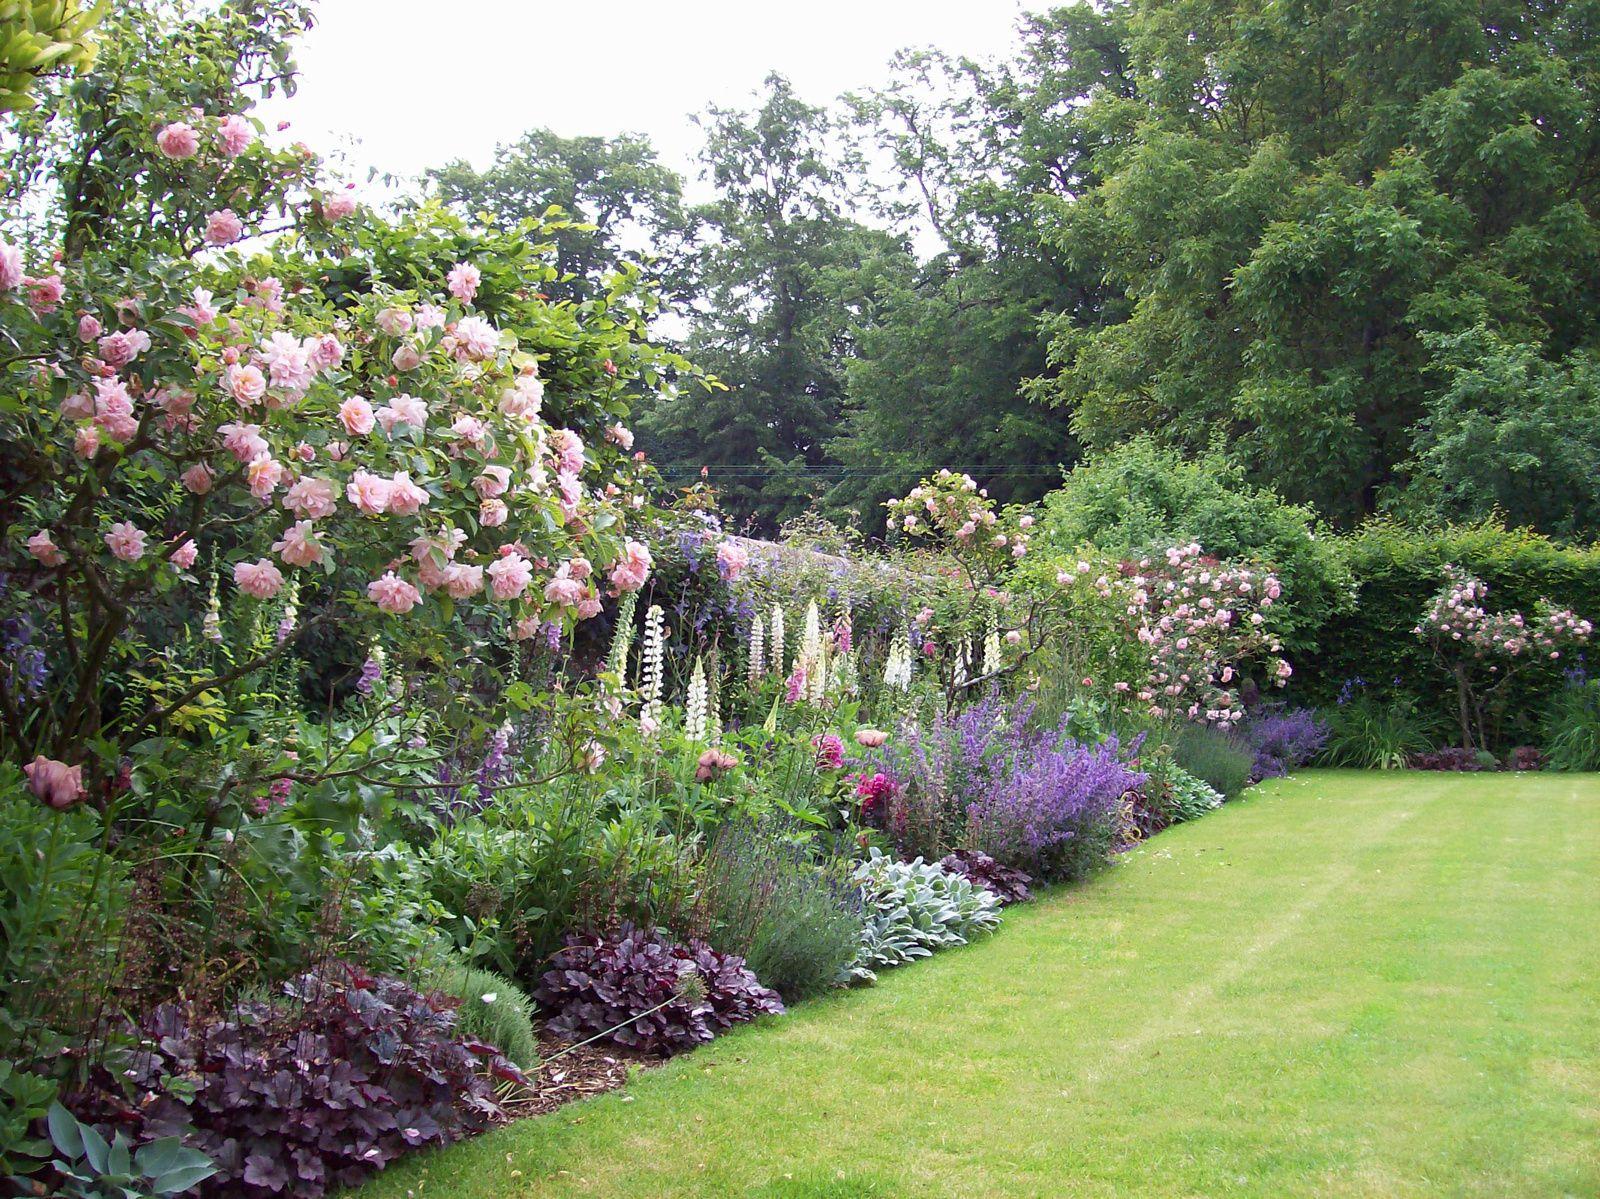 853650624e2c89aa100_0420copy.jpg Farmhouse garden